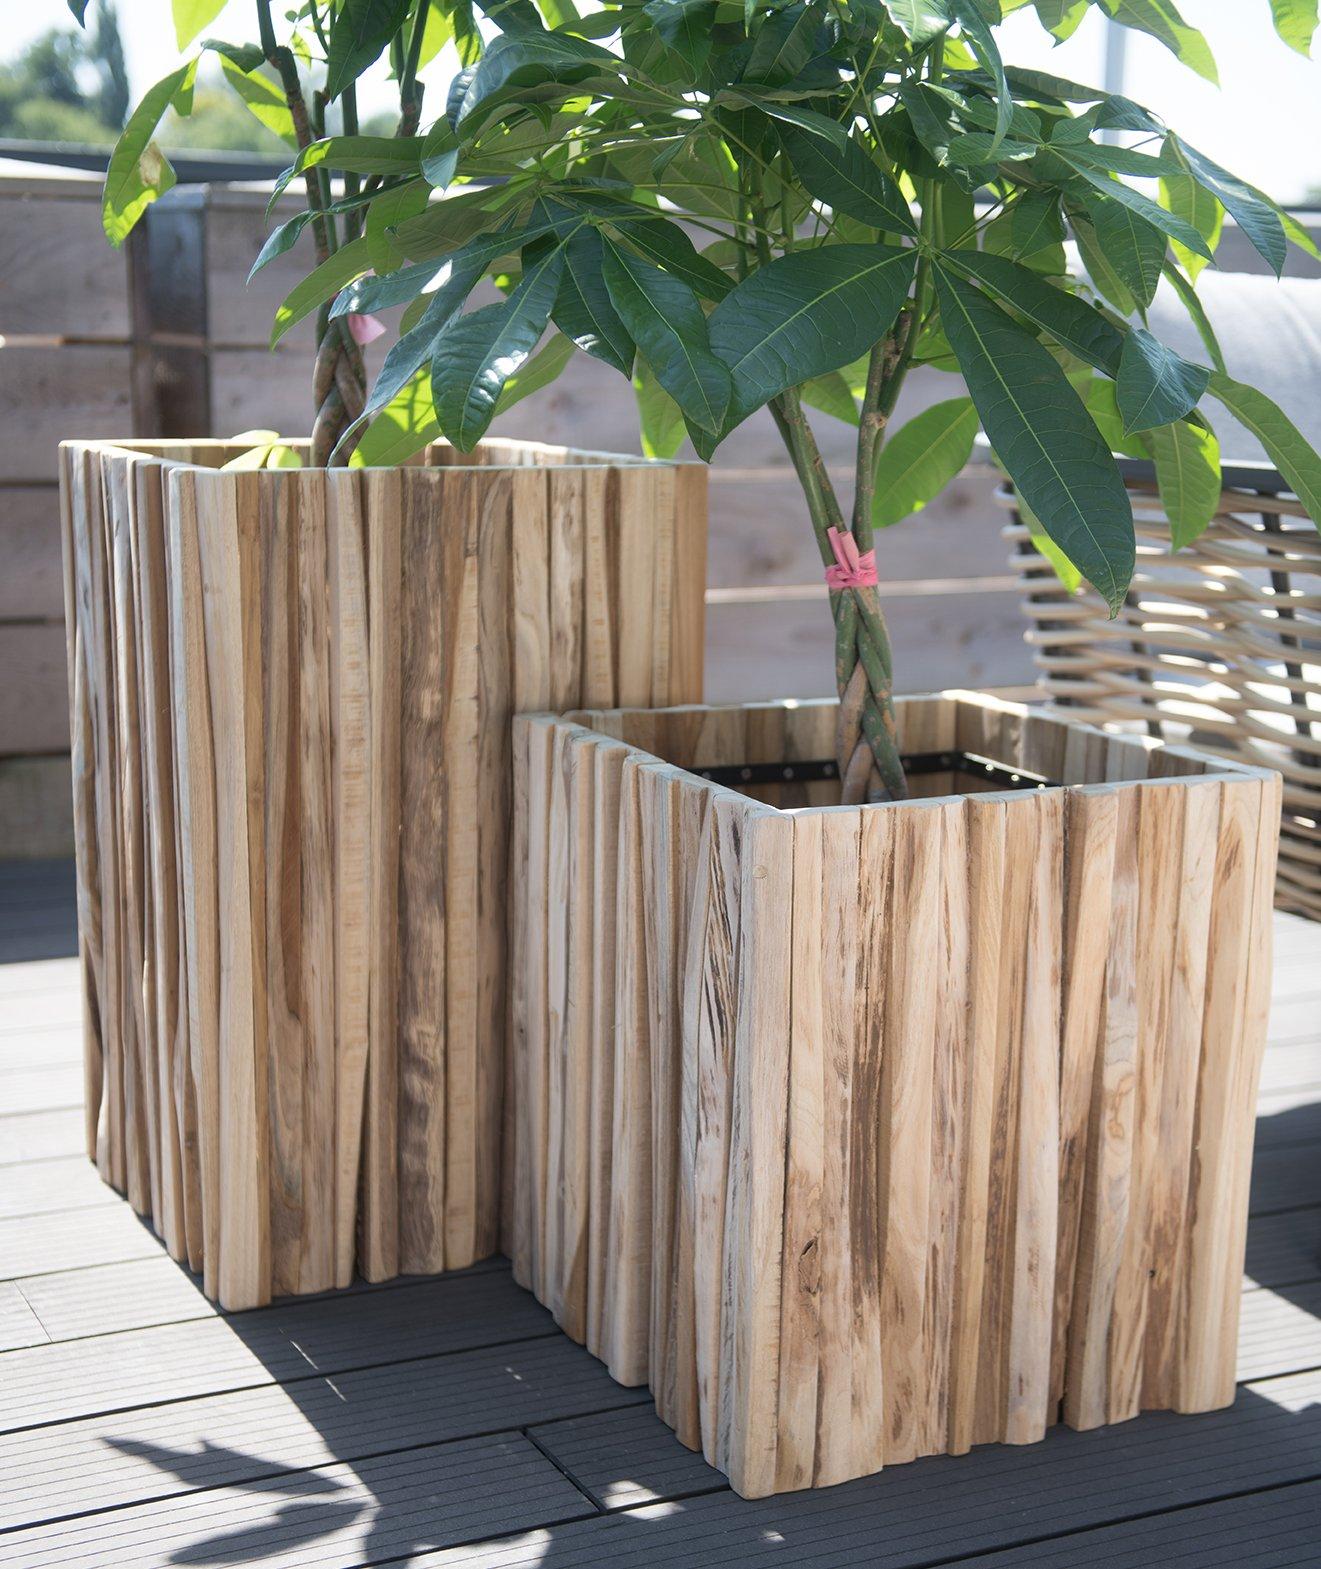 Planter med flettede stammer i store 4 seasons outdoor plantekasser i tre